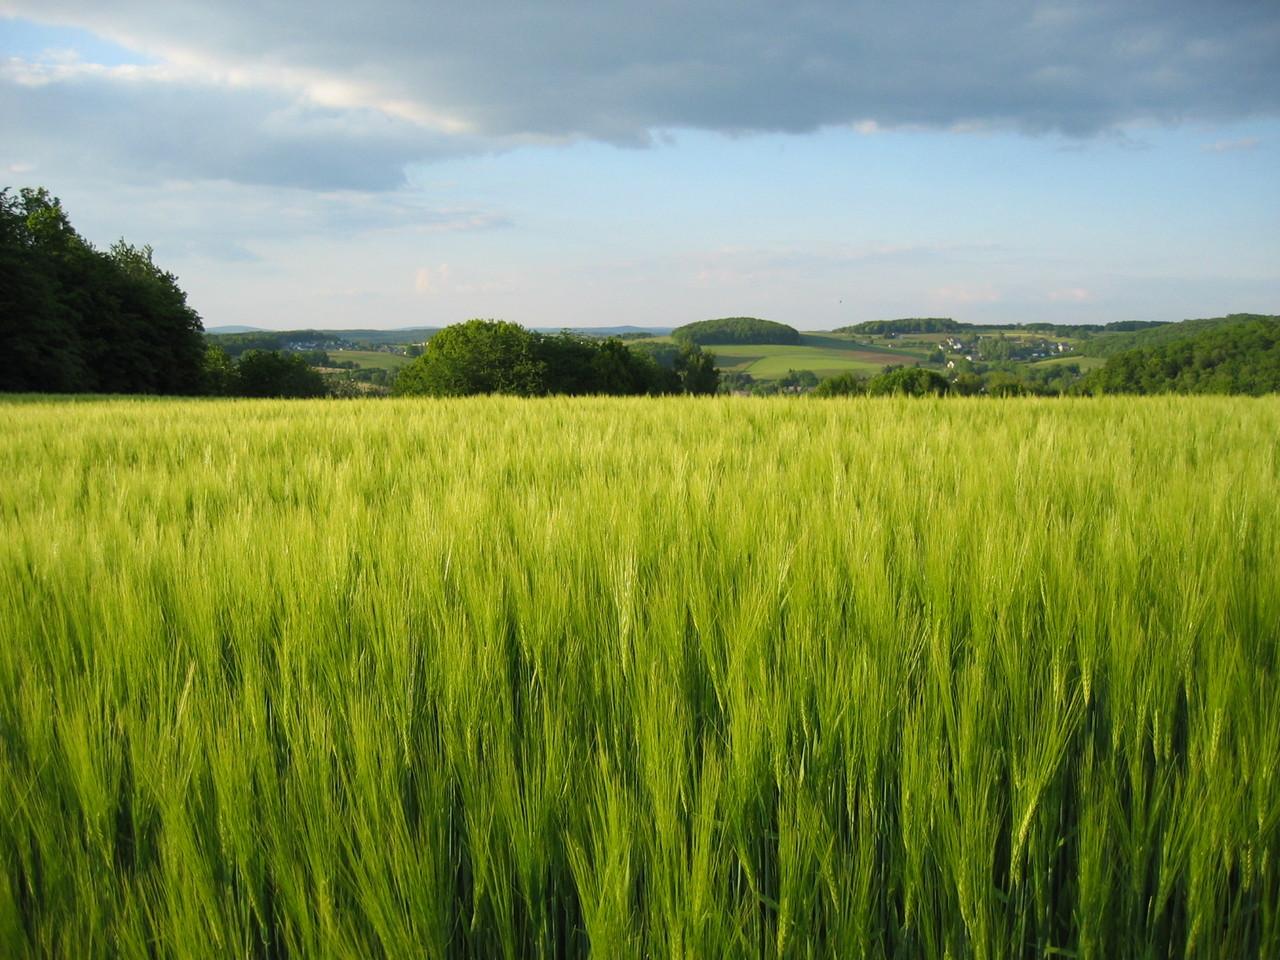 Zielony jęczmień – na czym polega jego fenomen? Jakie są właściwości młodego jęczmienia?